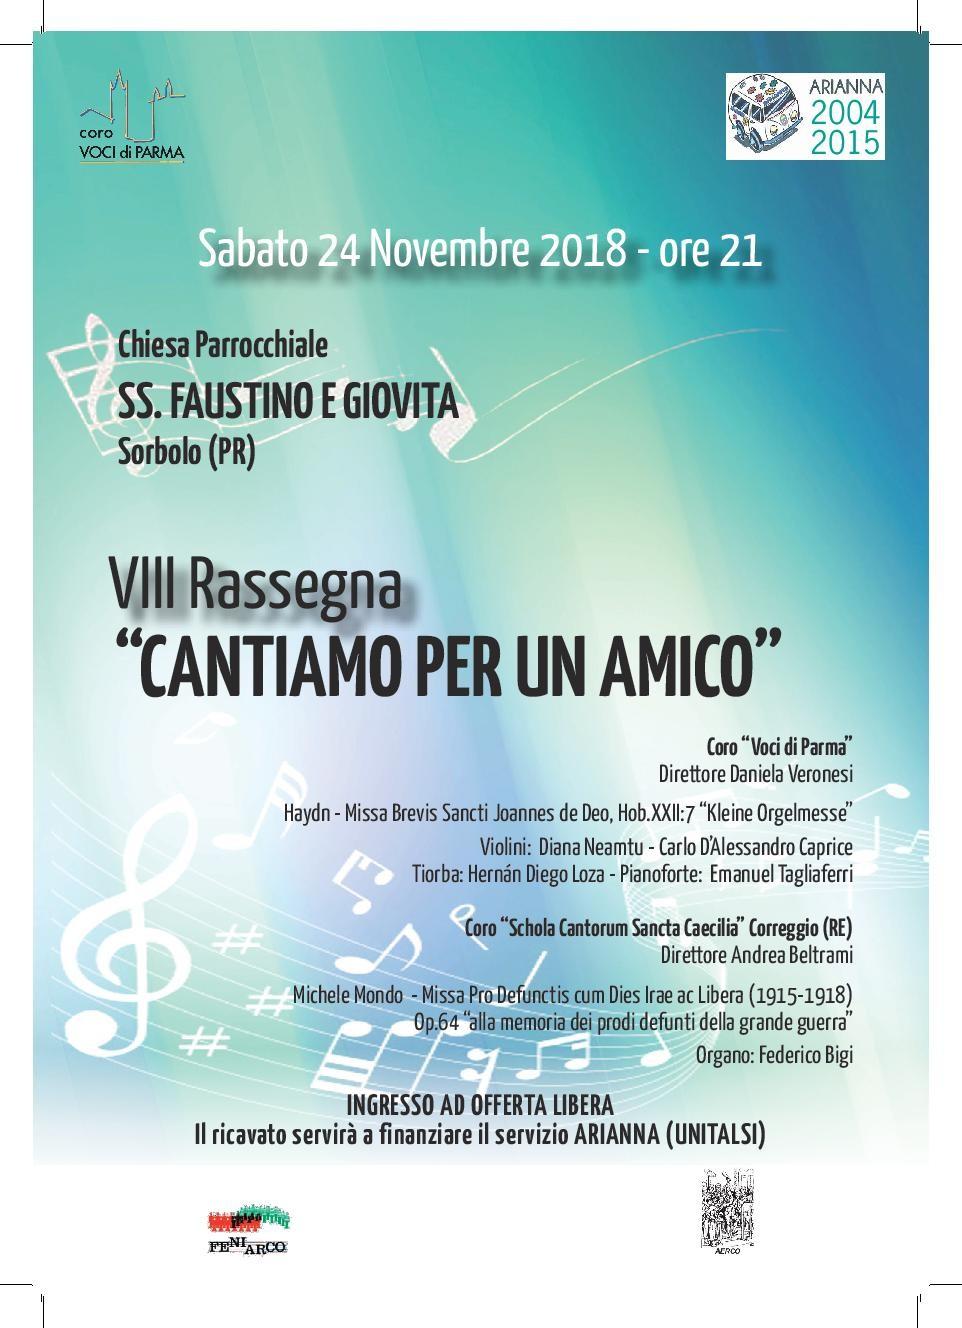 CONCERTO DI MUSICA RELIGIOSA VOCALE PER L'UNITALSI